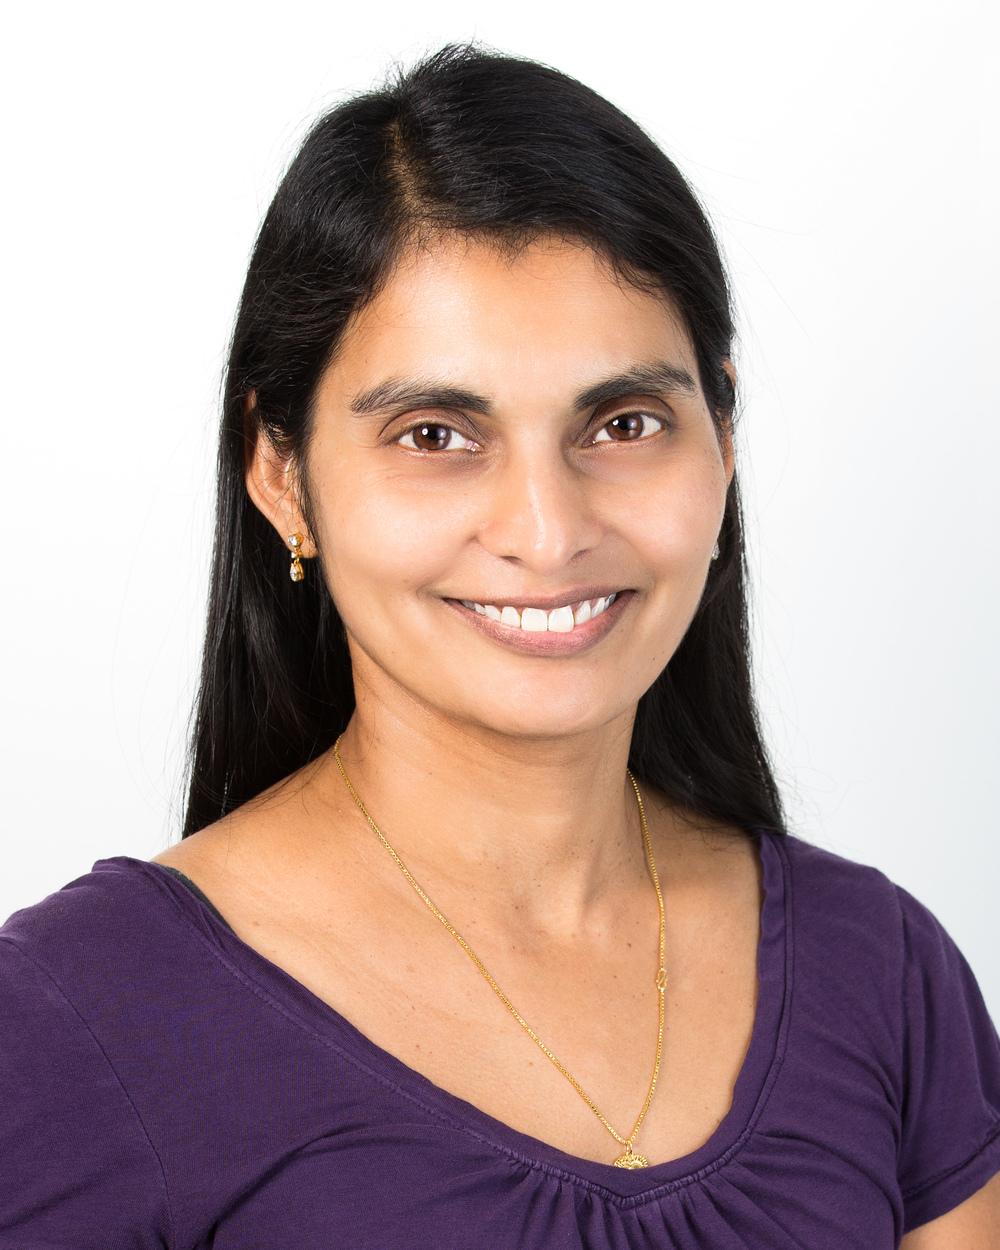 Meet Dr. Vadapalli